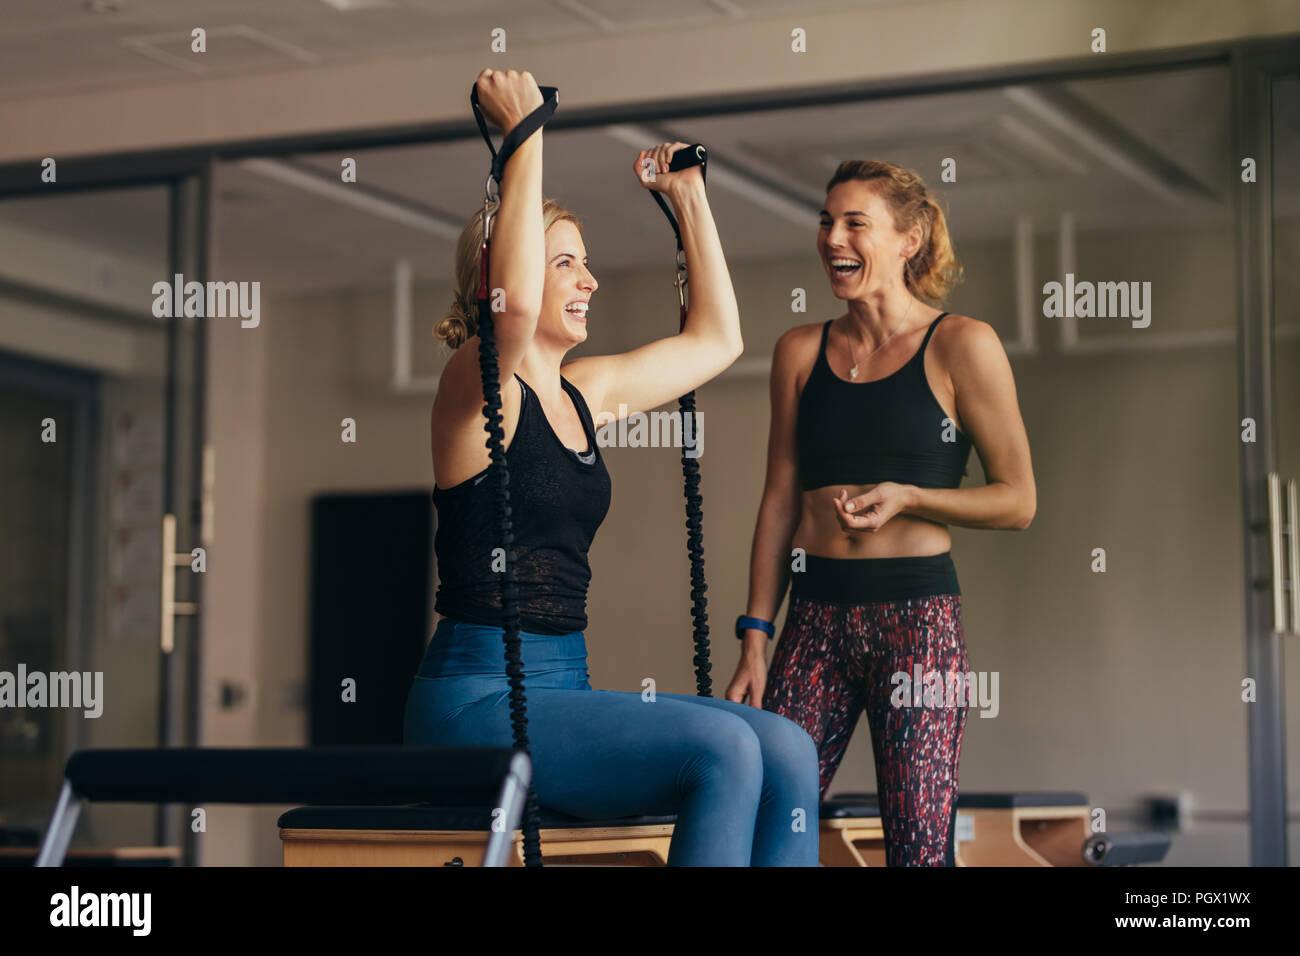 Donna sorridente tirando tendere nastri durante la sua formazione pilates. Le donne a una formazione di pilates palestra di ridere mentre facendo allenamento. Immagini Stock